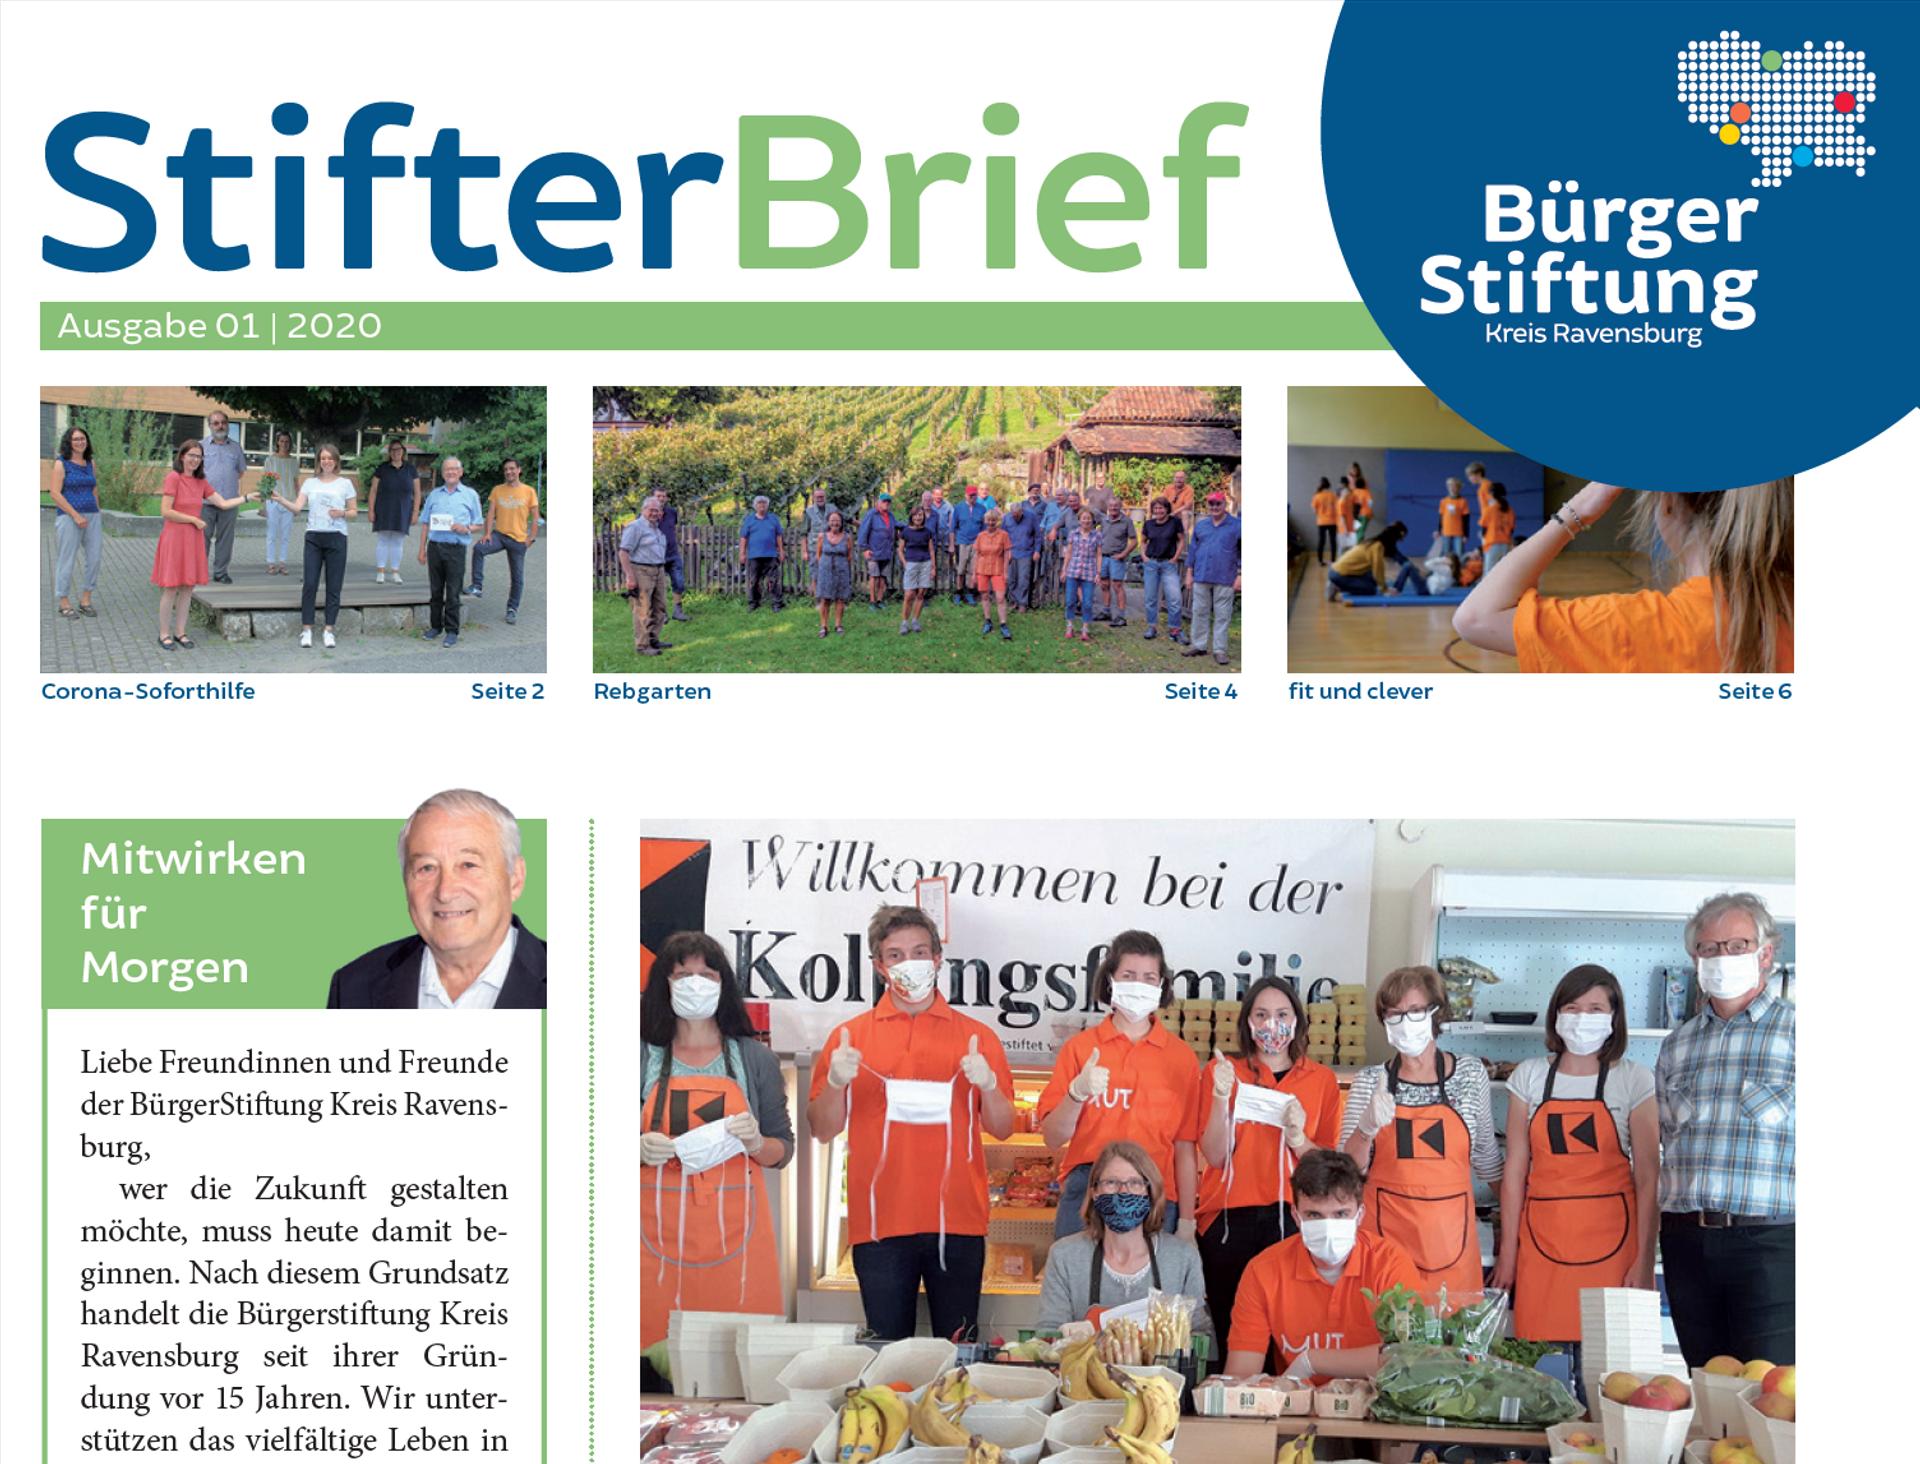 Vielfältig, gemeinnützig und von bürgerschaftlichem Engagement getragen - ein Blick auf unsere Stiftungsarbeit